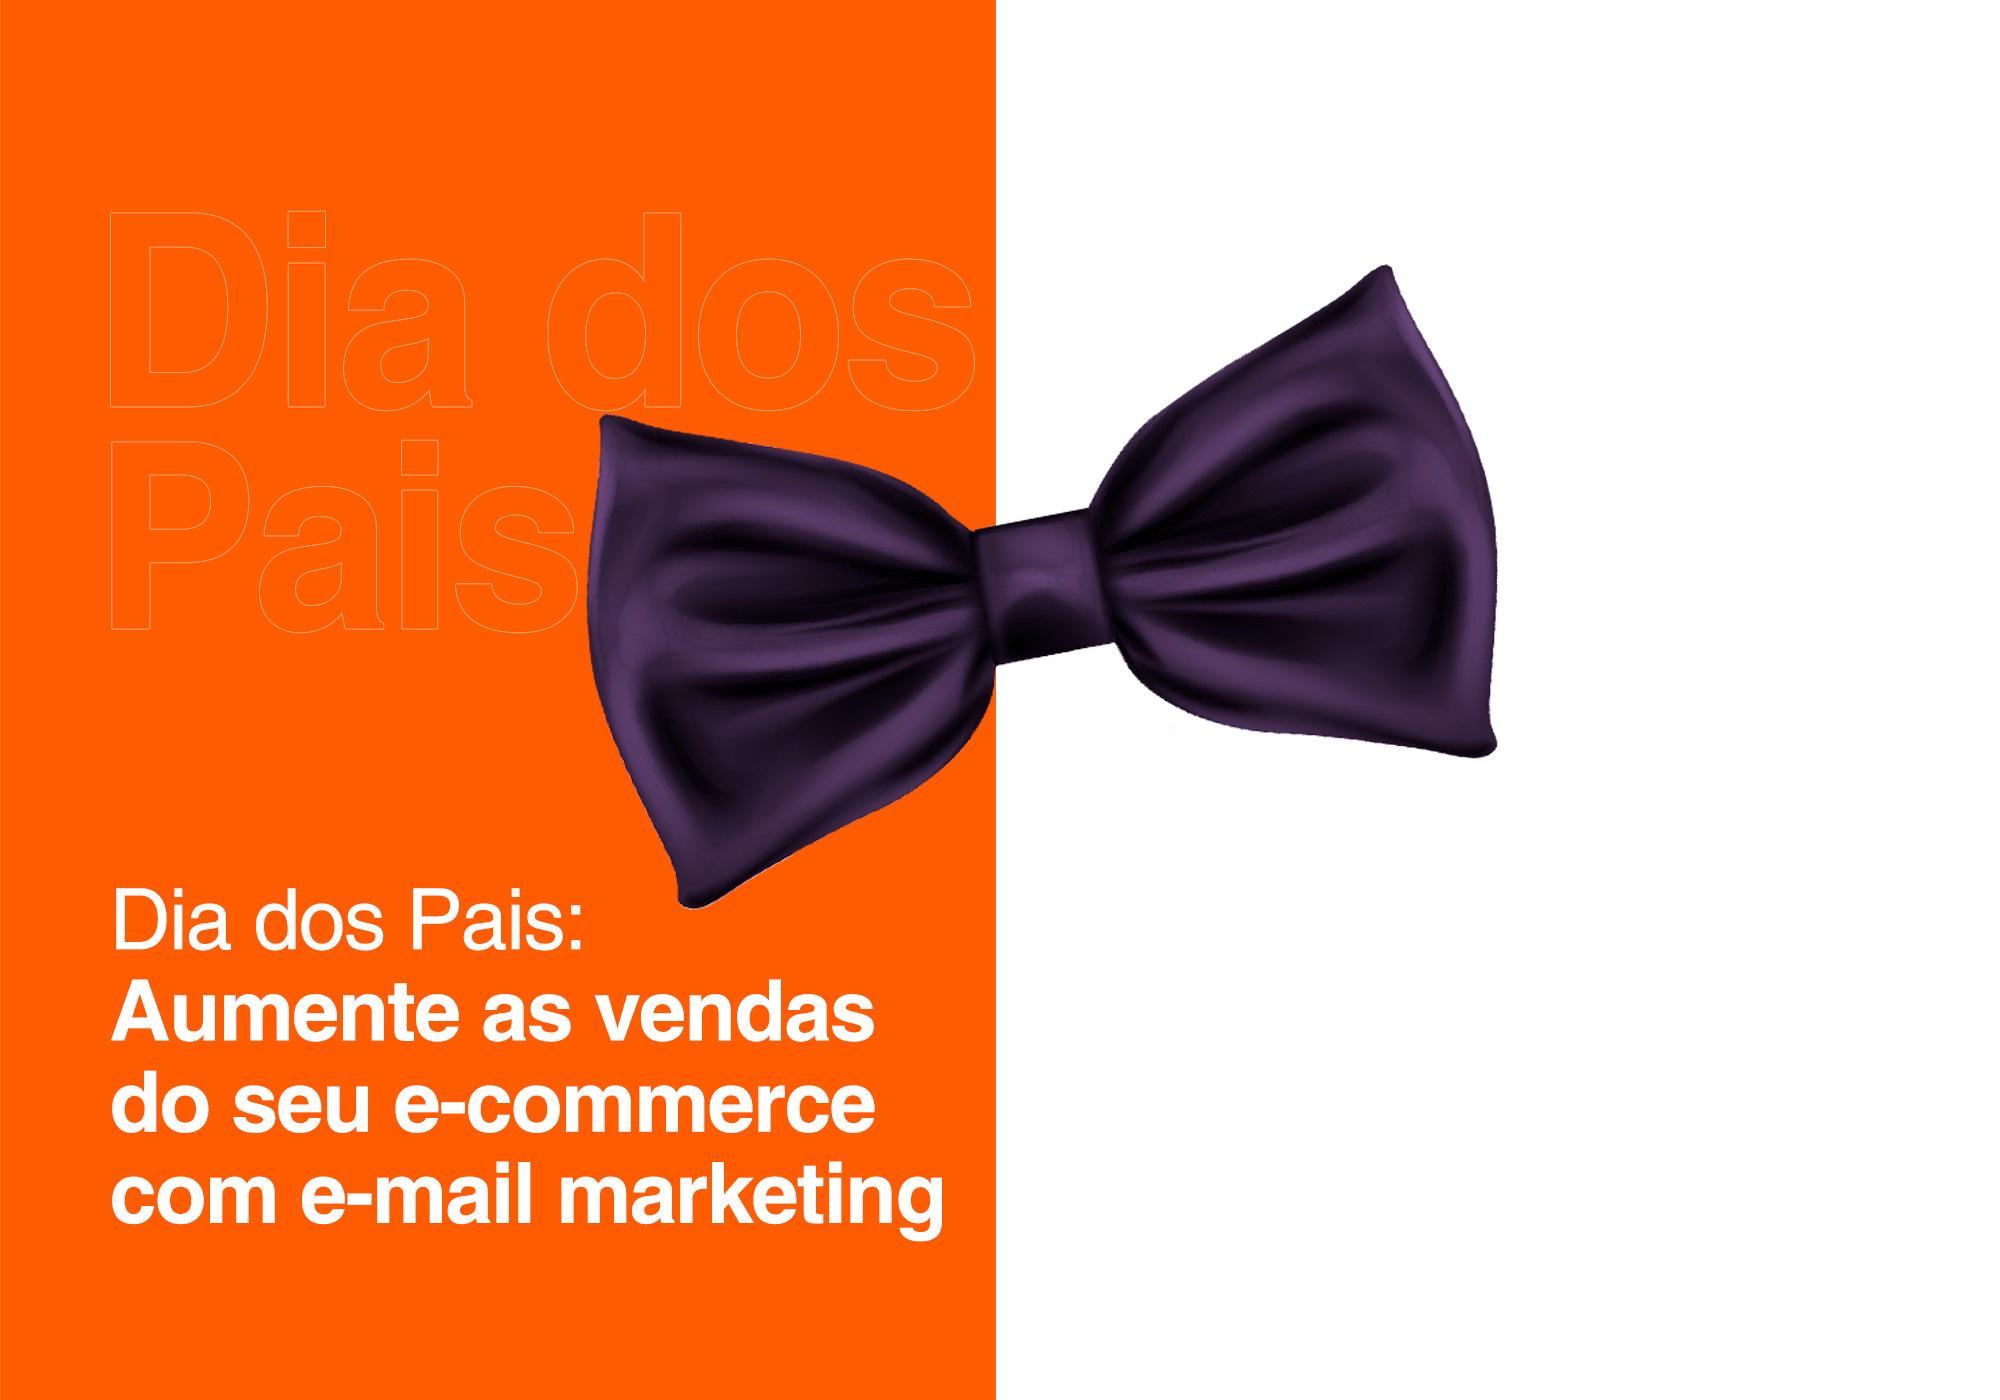 Use o e-mail marketing para aumentar as vendas do seu ecommerce no Dia dos Pais